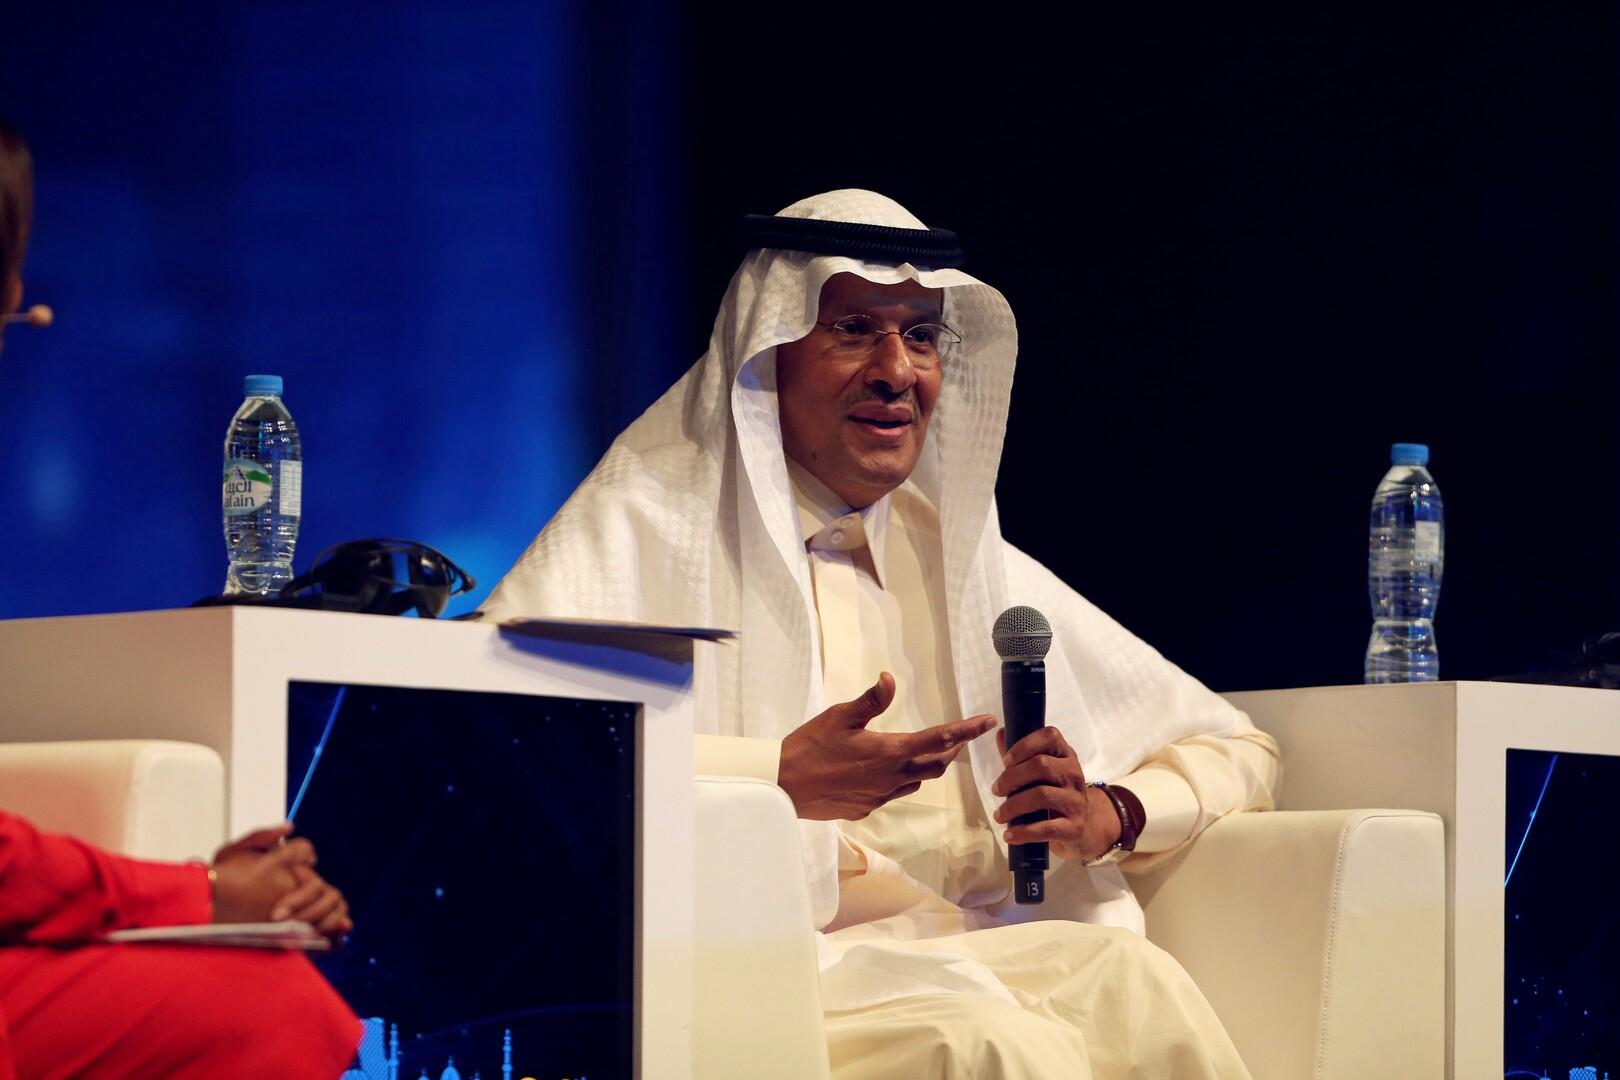 وزير الطاقة السعودي: بعدما طوينا صفحة الهجمات أمامنا تحديات جديدة